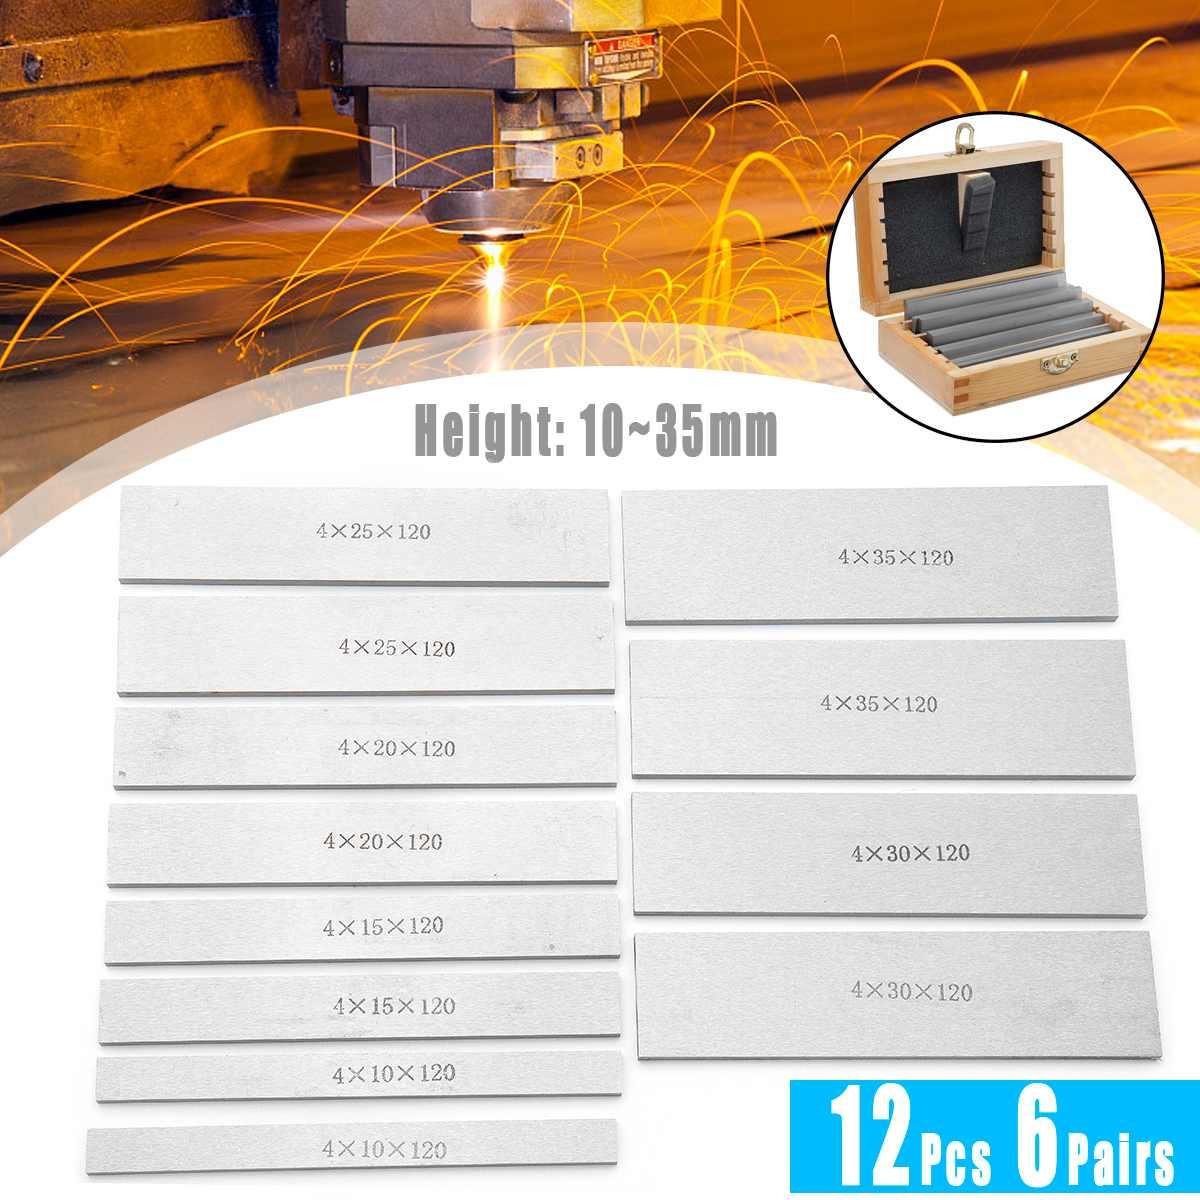 6 pares 12 Pcs Paralelo Bitola Almofada Bloco de aço de Liga CNC Moagem Pads Set 120mm x (10- 35mm) ideal para Vice Fresadora Torno